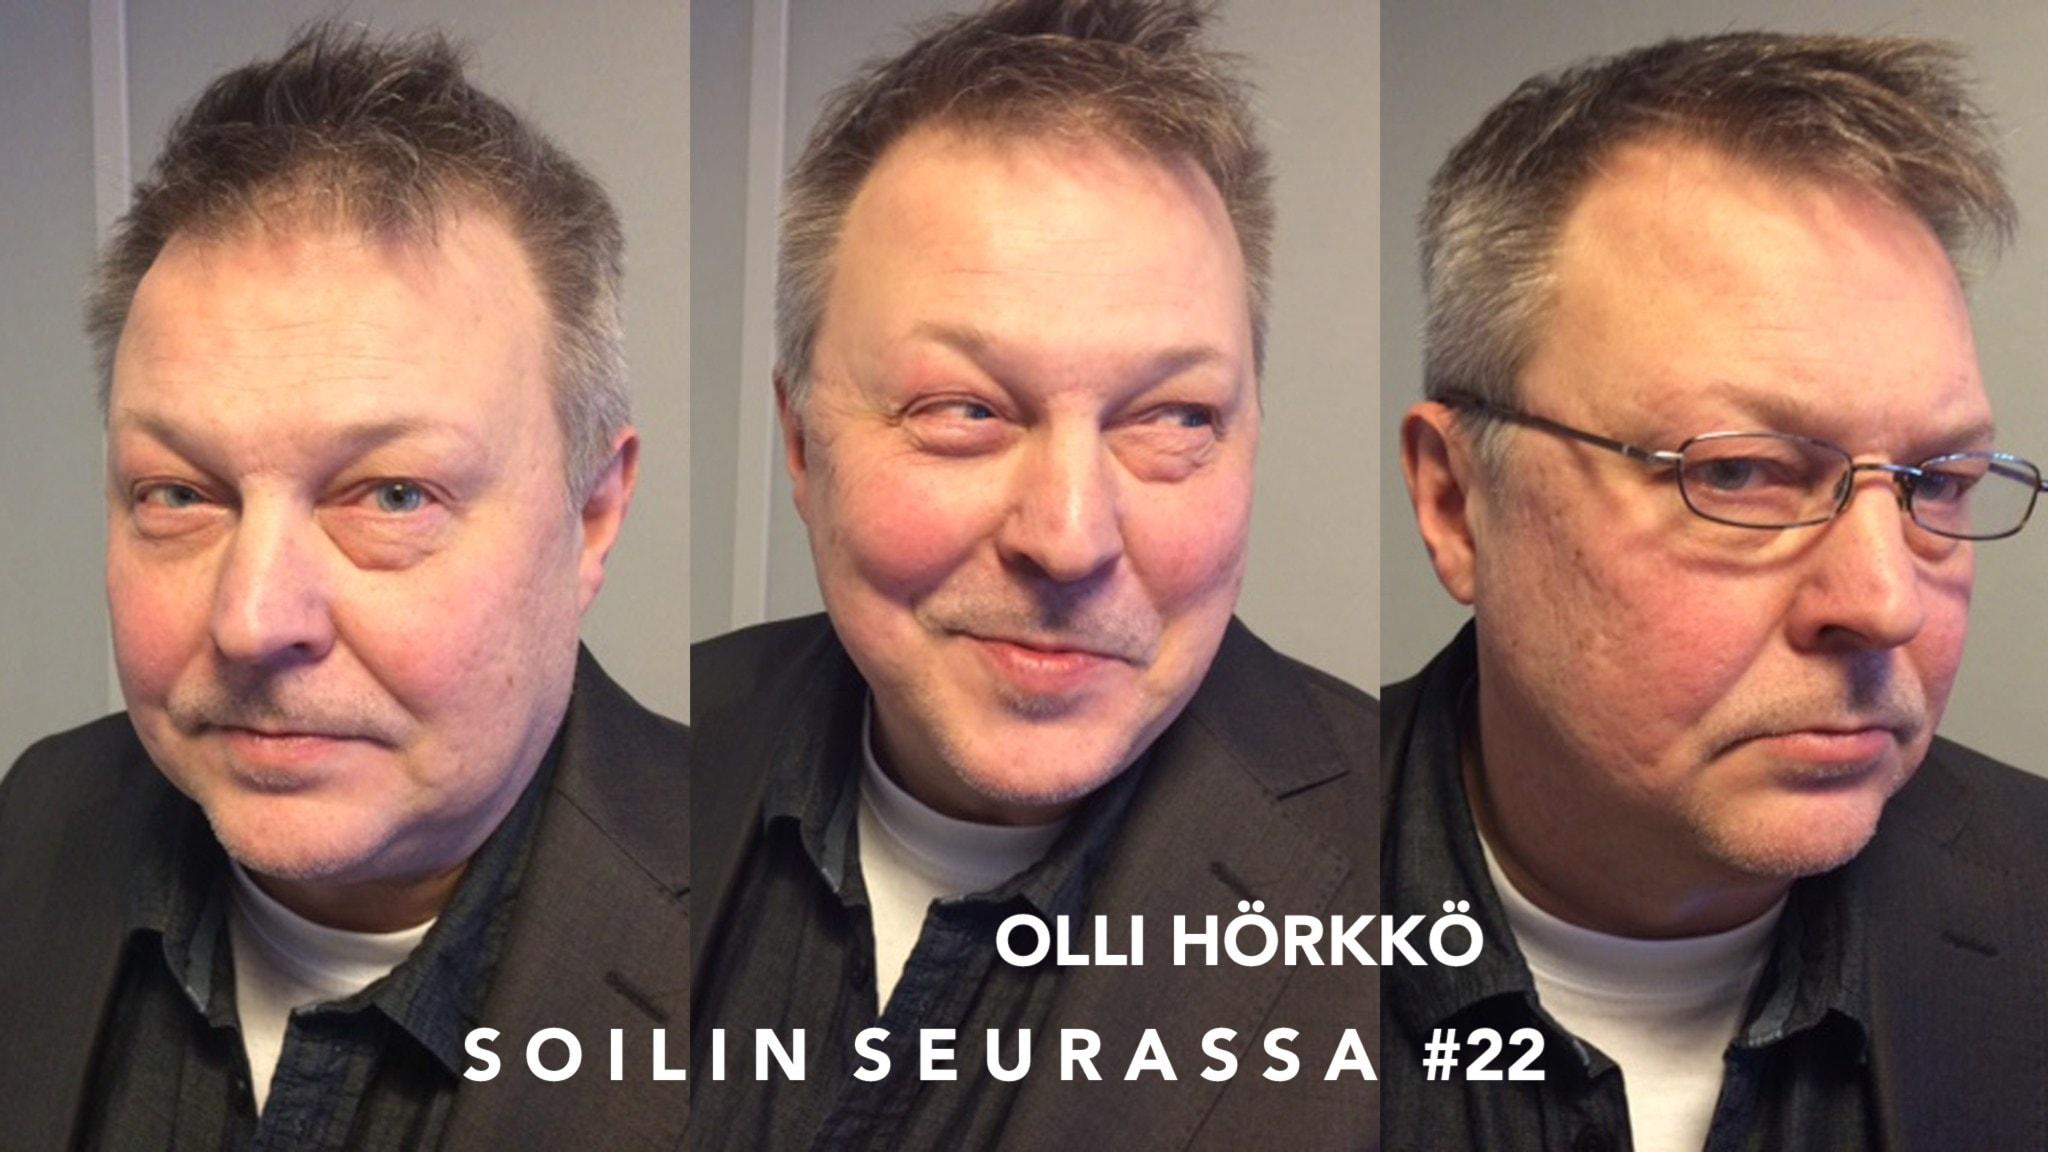 Soilin seurassa tv:stä tuttu uutisankkuri Olli Hörkkö